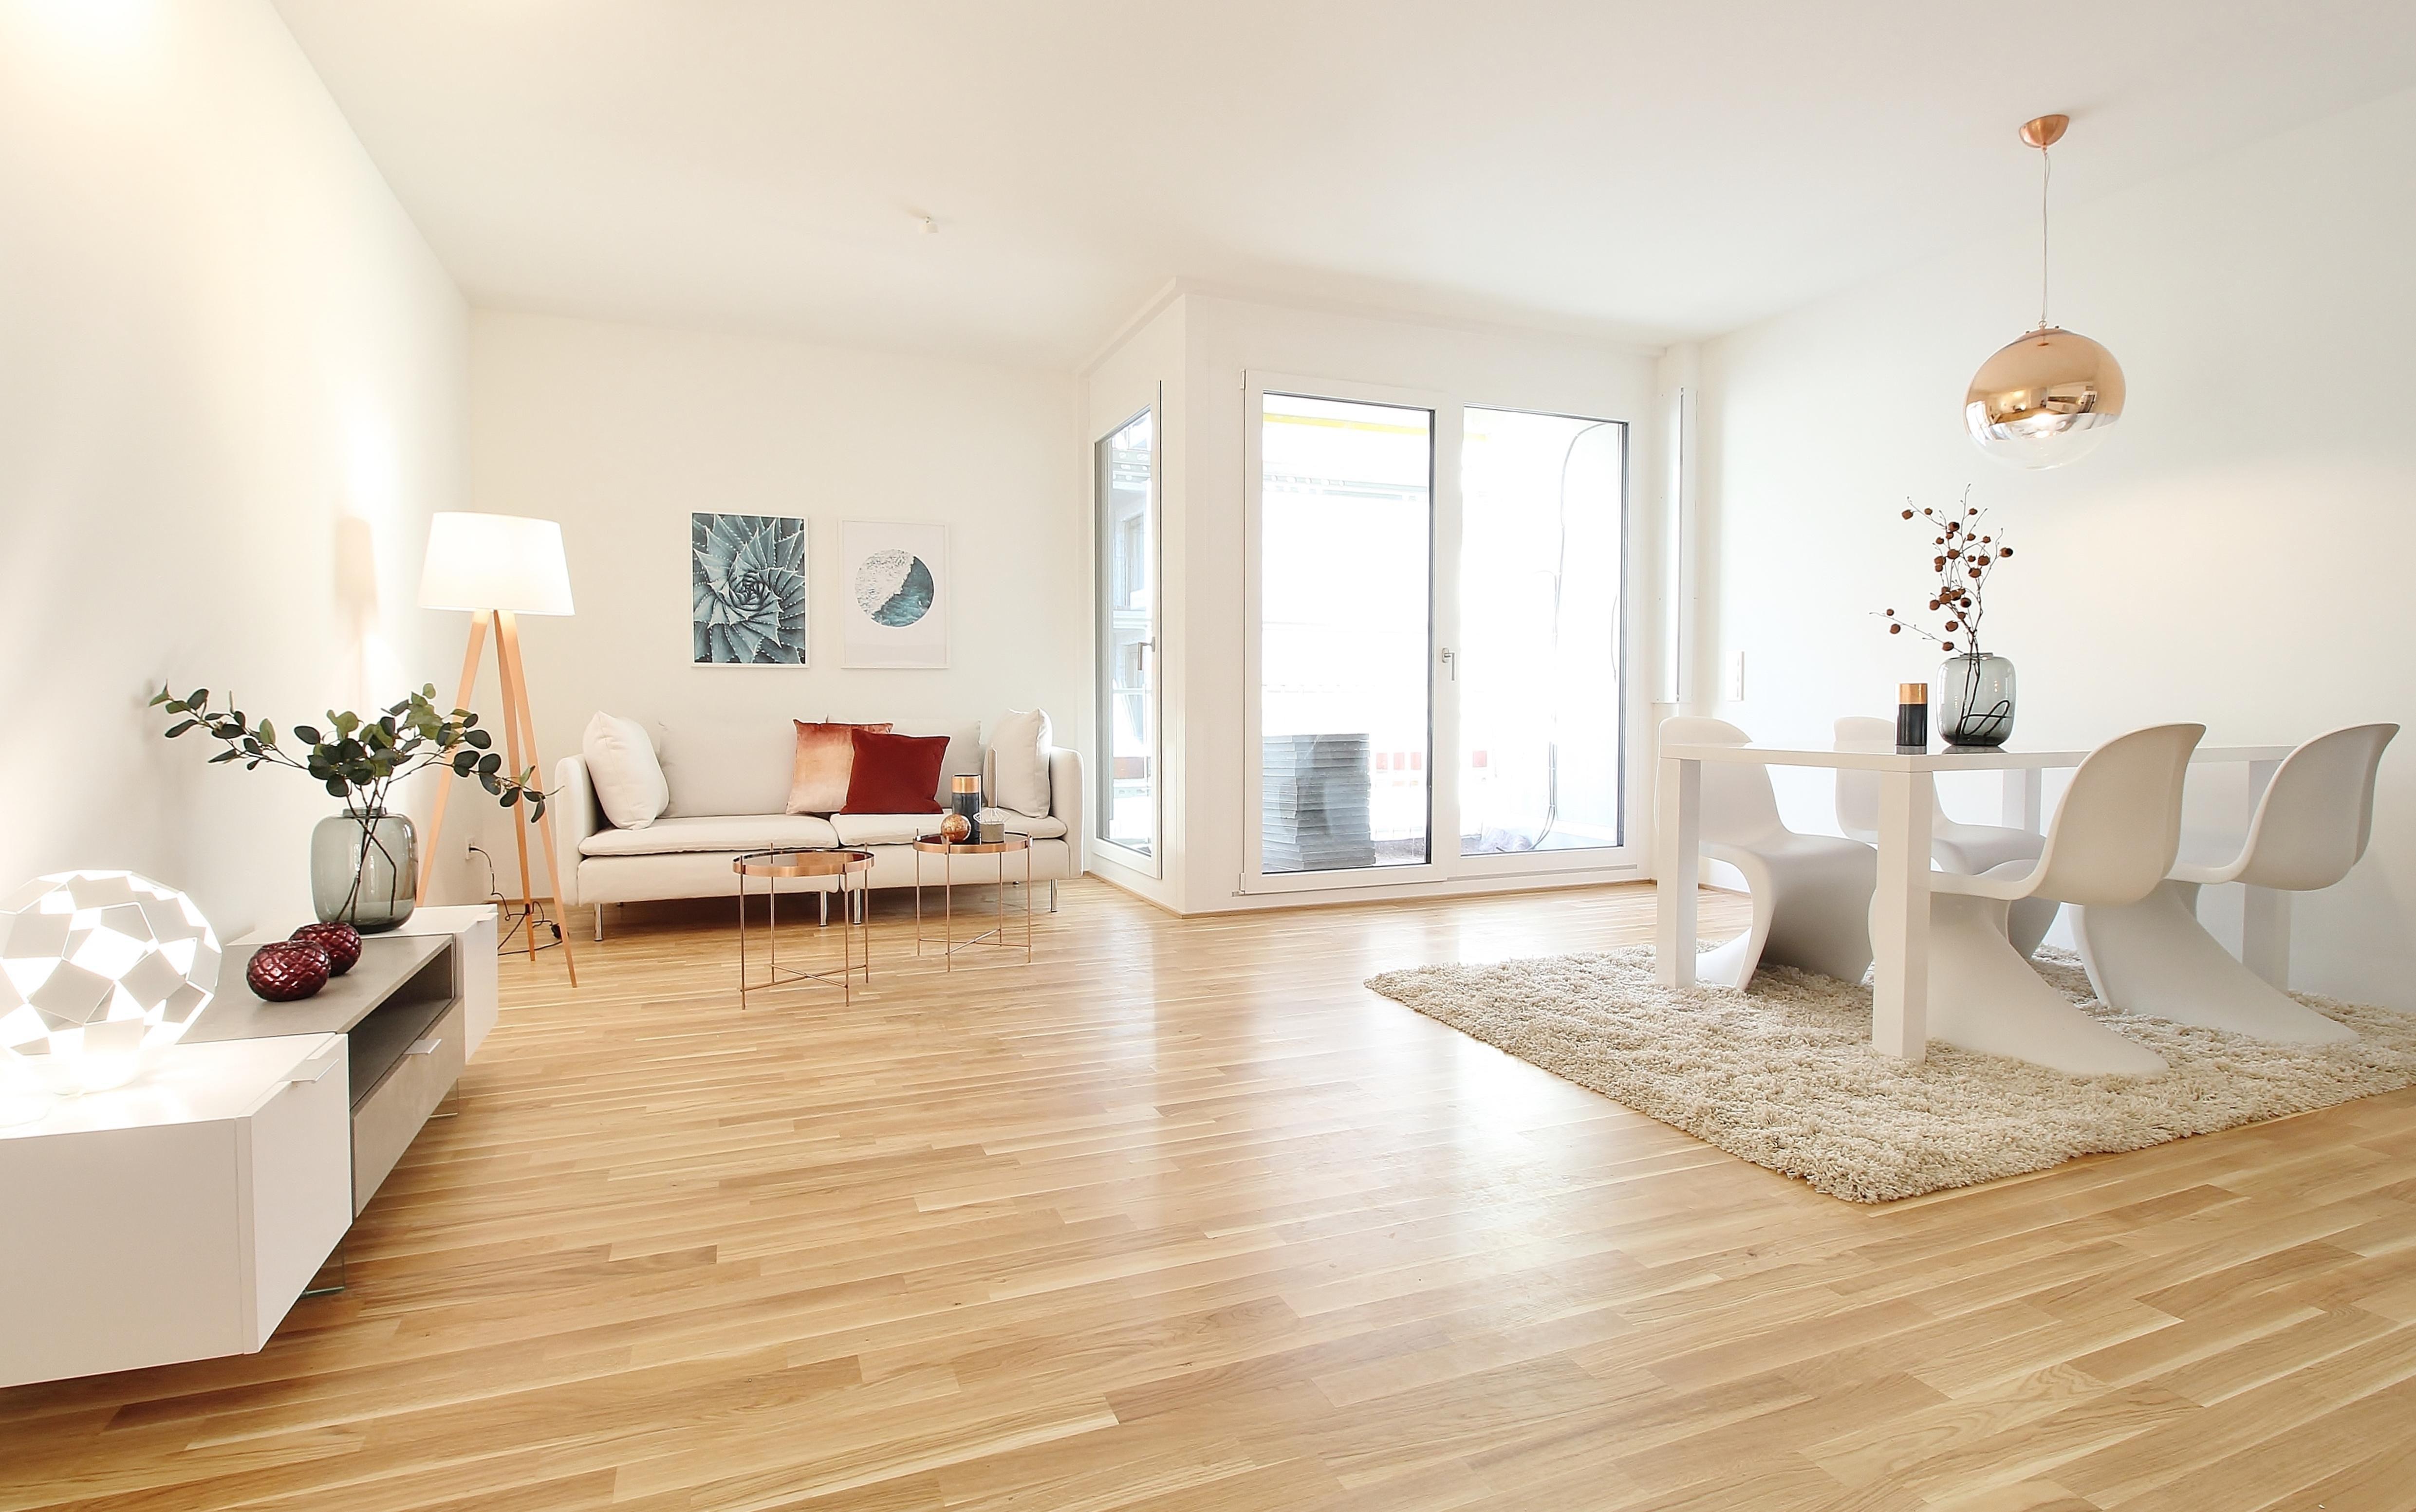 Offener Wohn Und Essbereich Bilder Ideen Couch